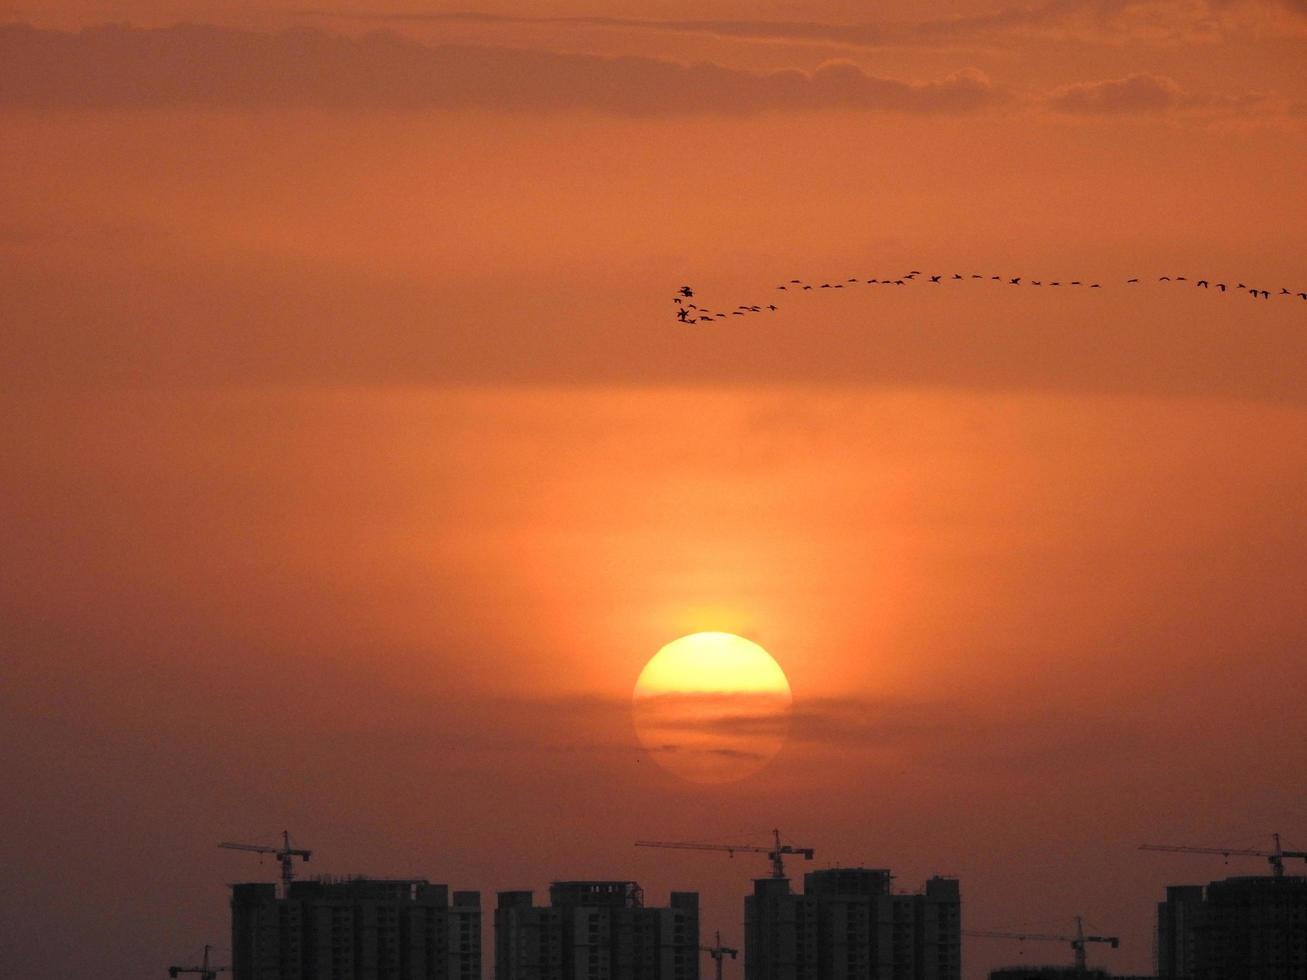 uccelli sopra la città al tramonto foto